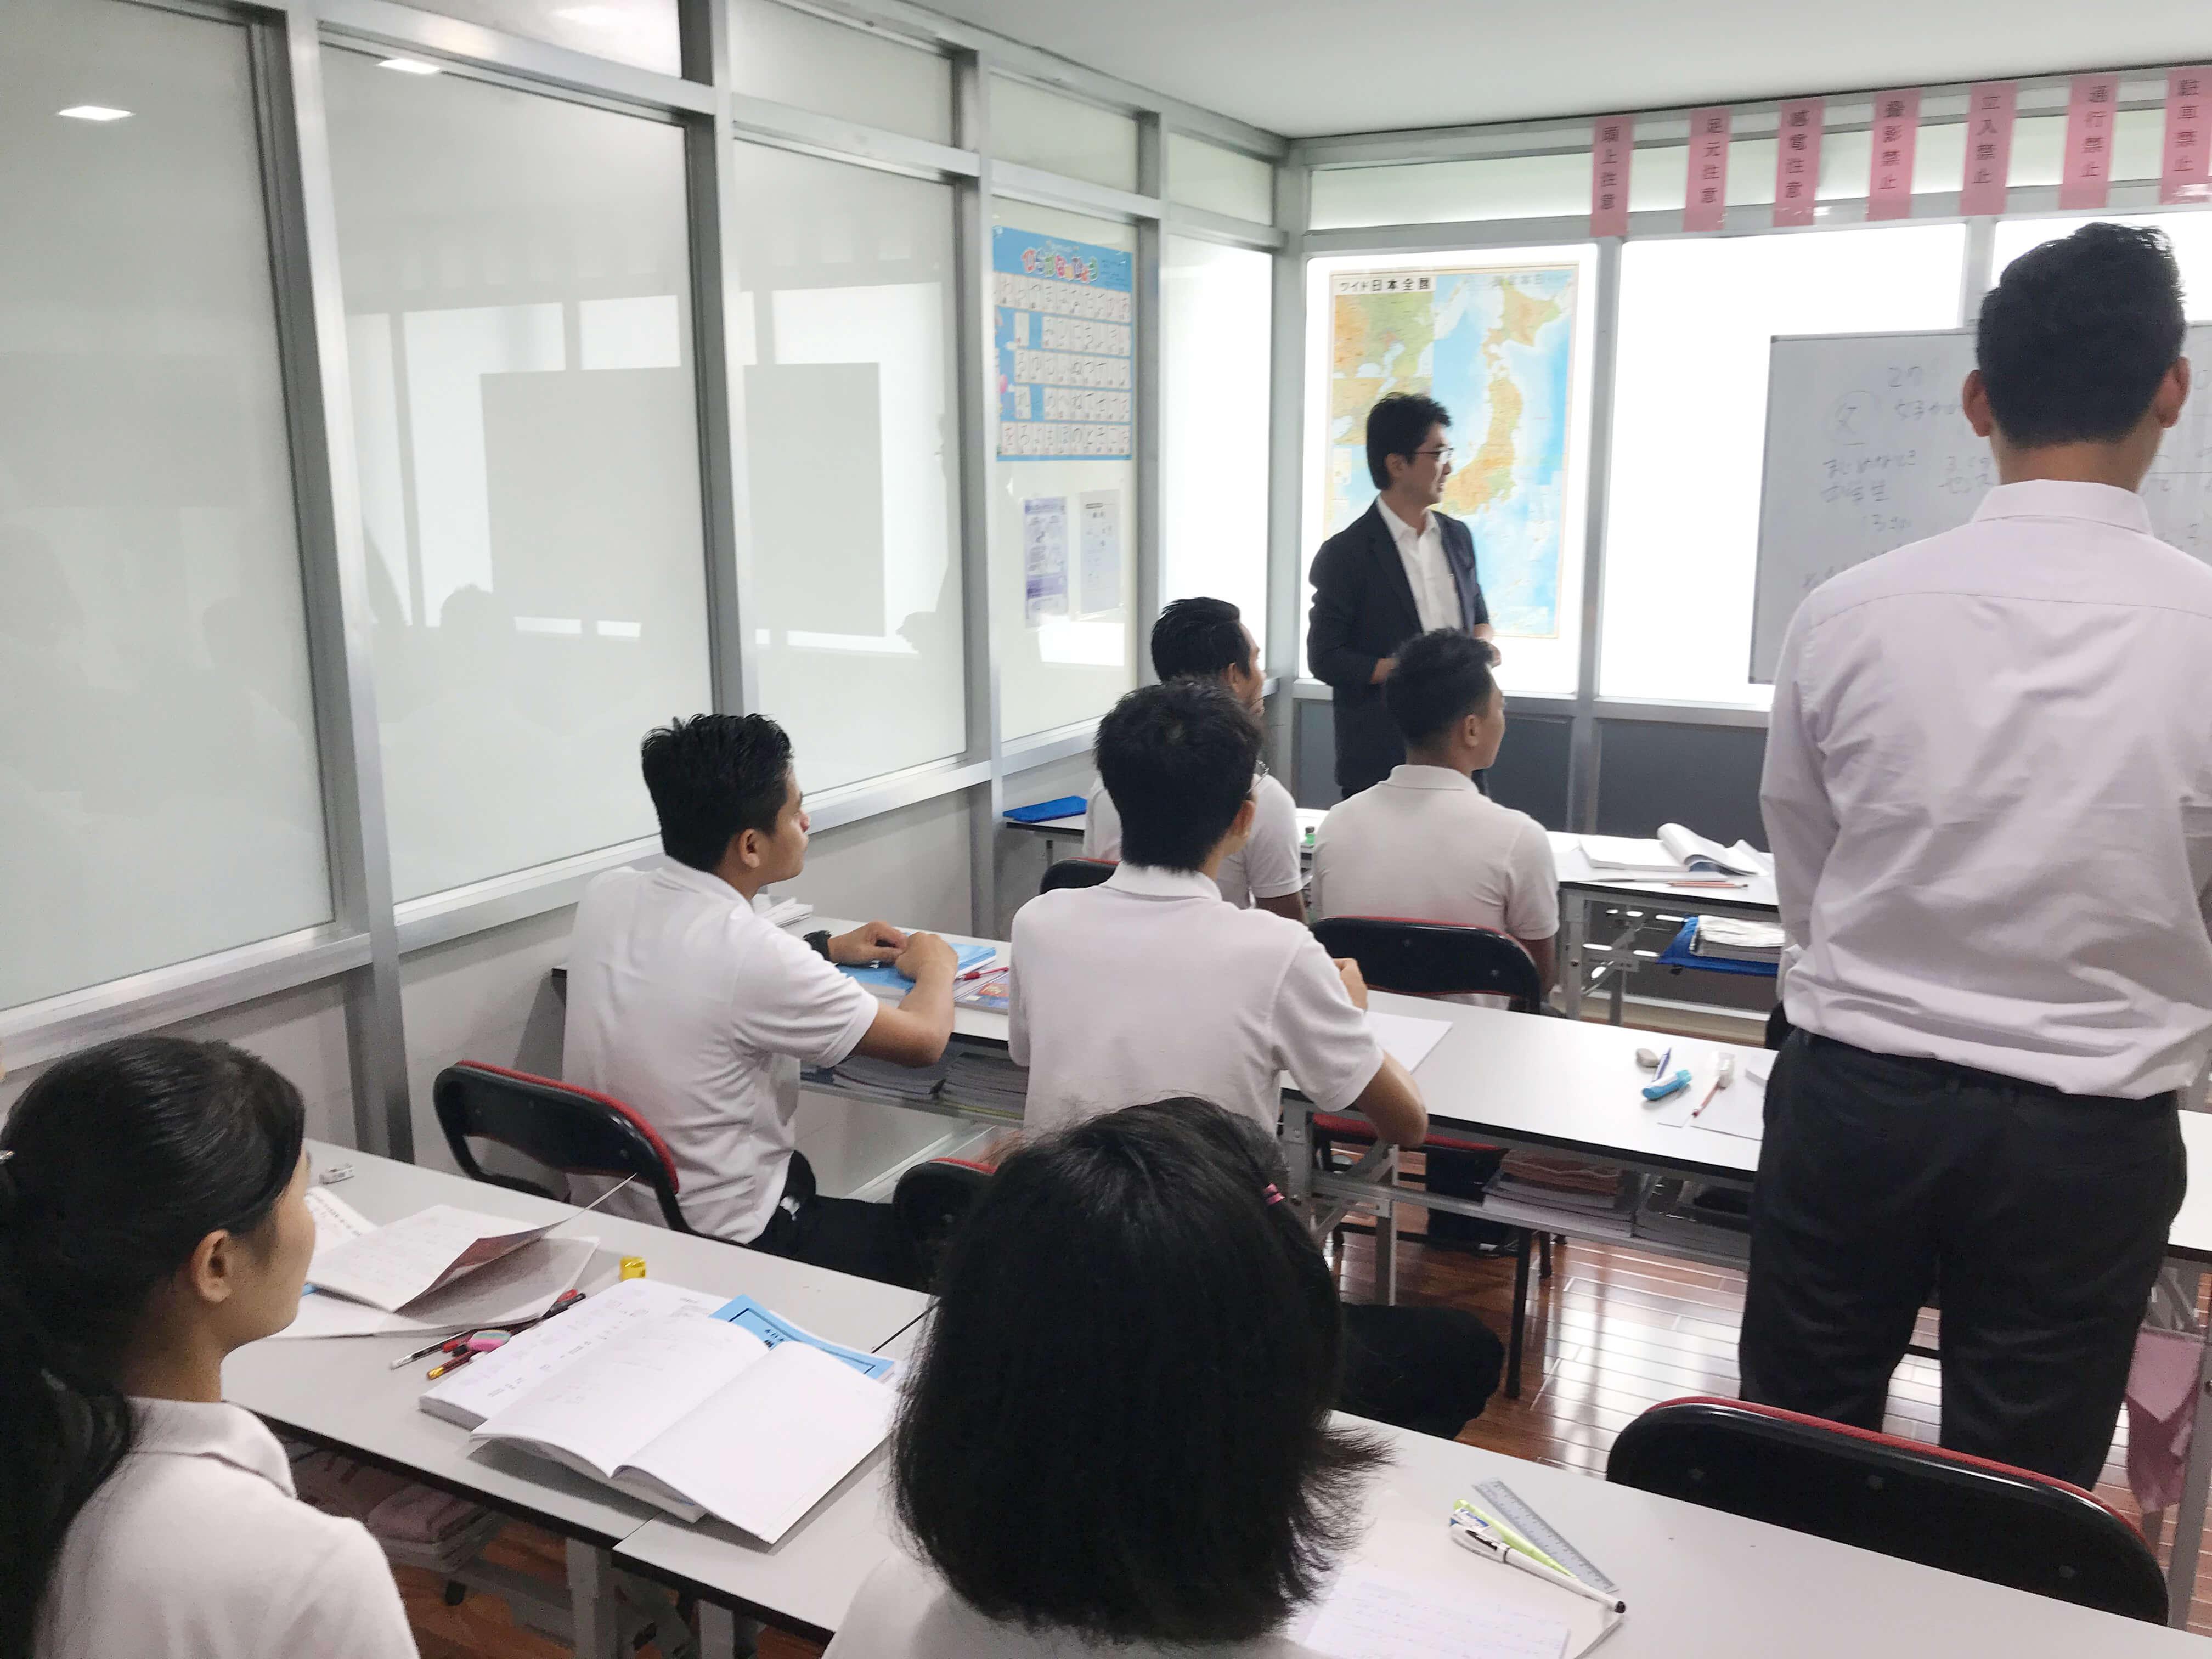 送り出し機関による日本語実習の様子